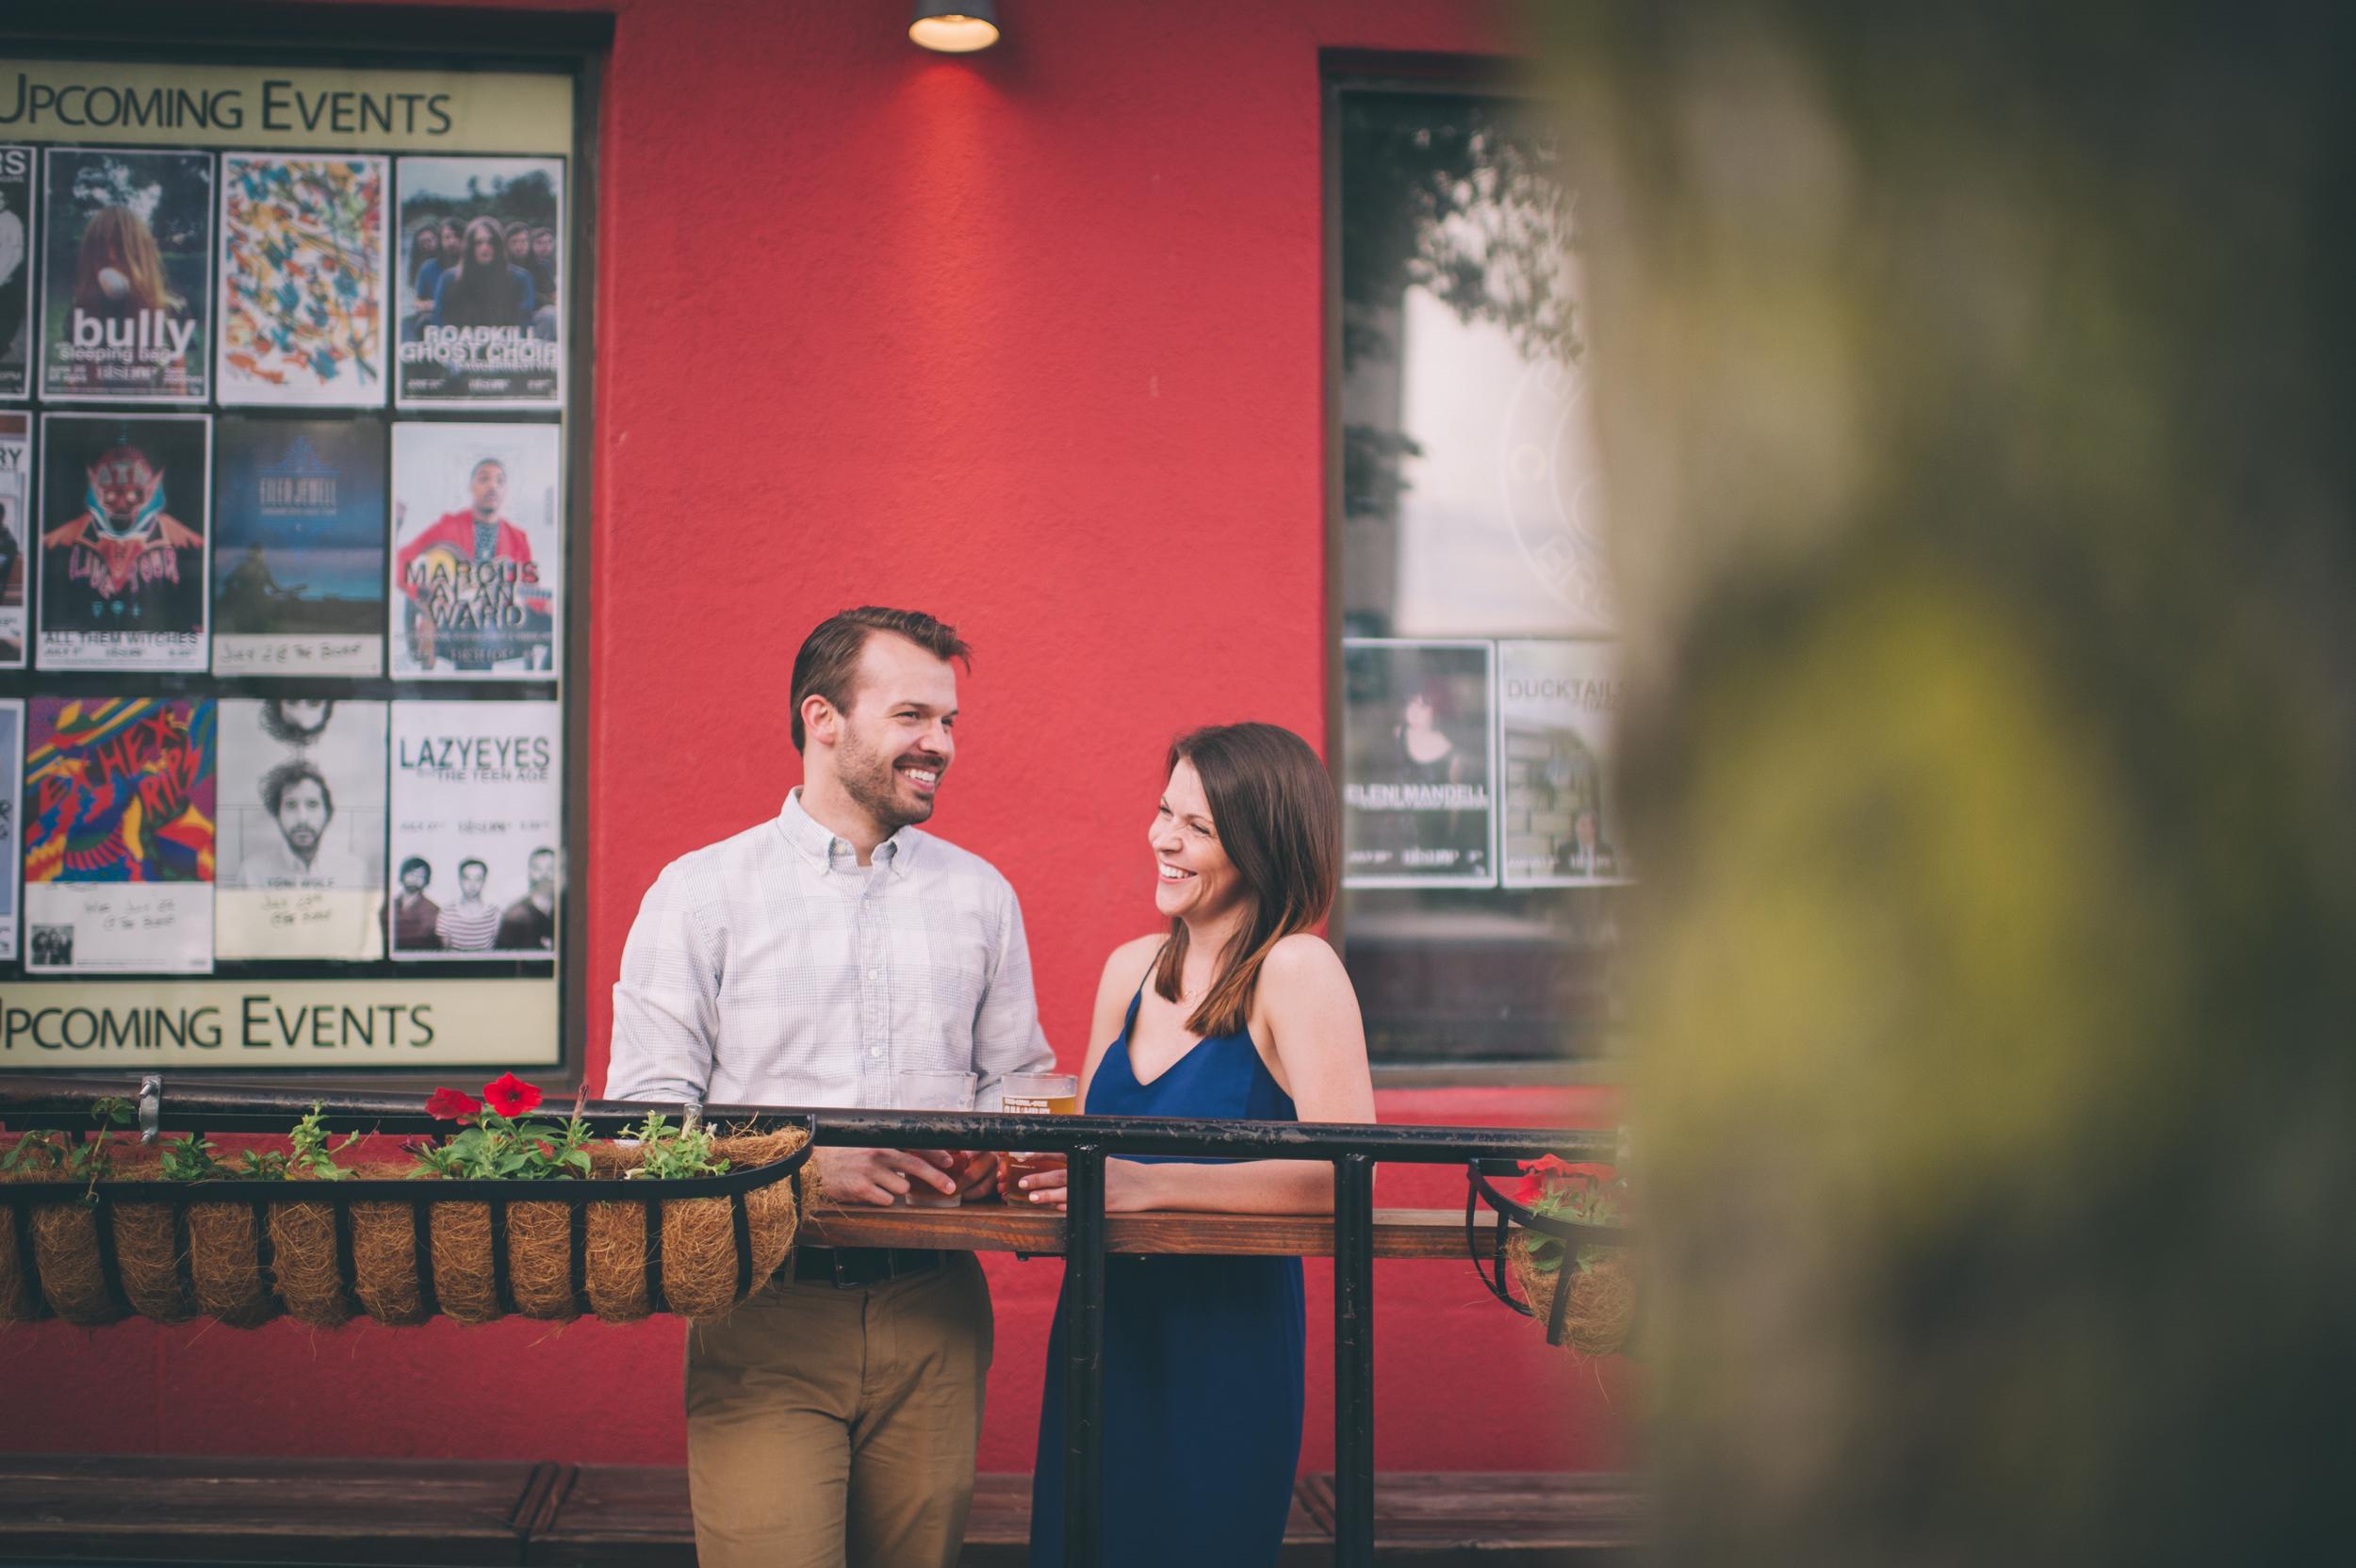 Rachel+Kyle-176.jpg